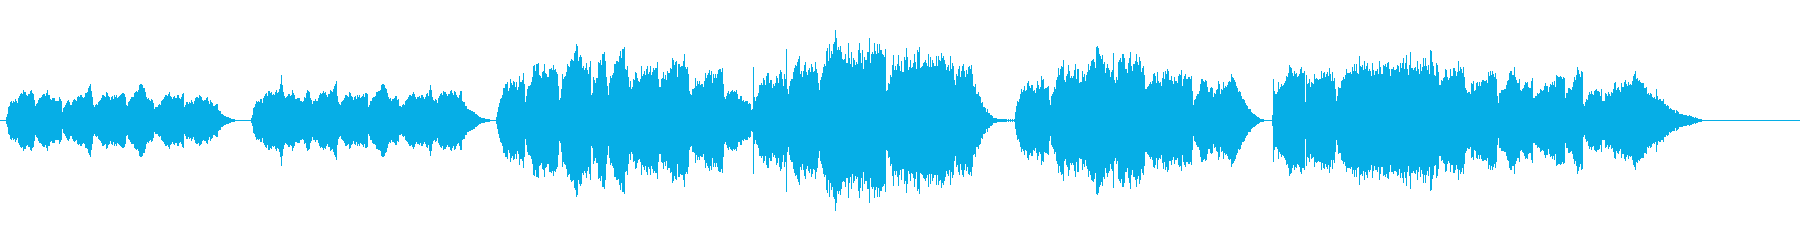 高音質♪国歌「君が代」多数バリエーションの再生済みの波形